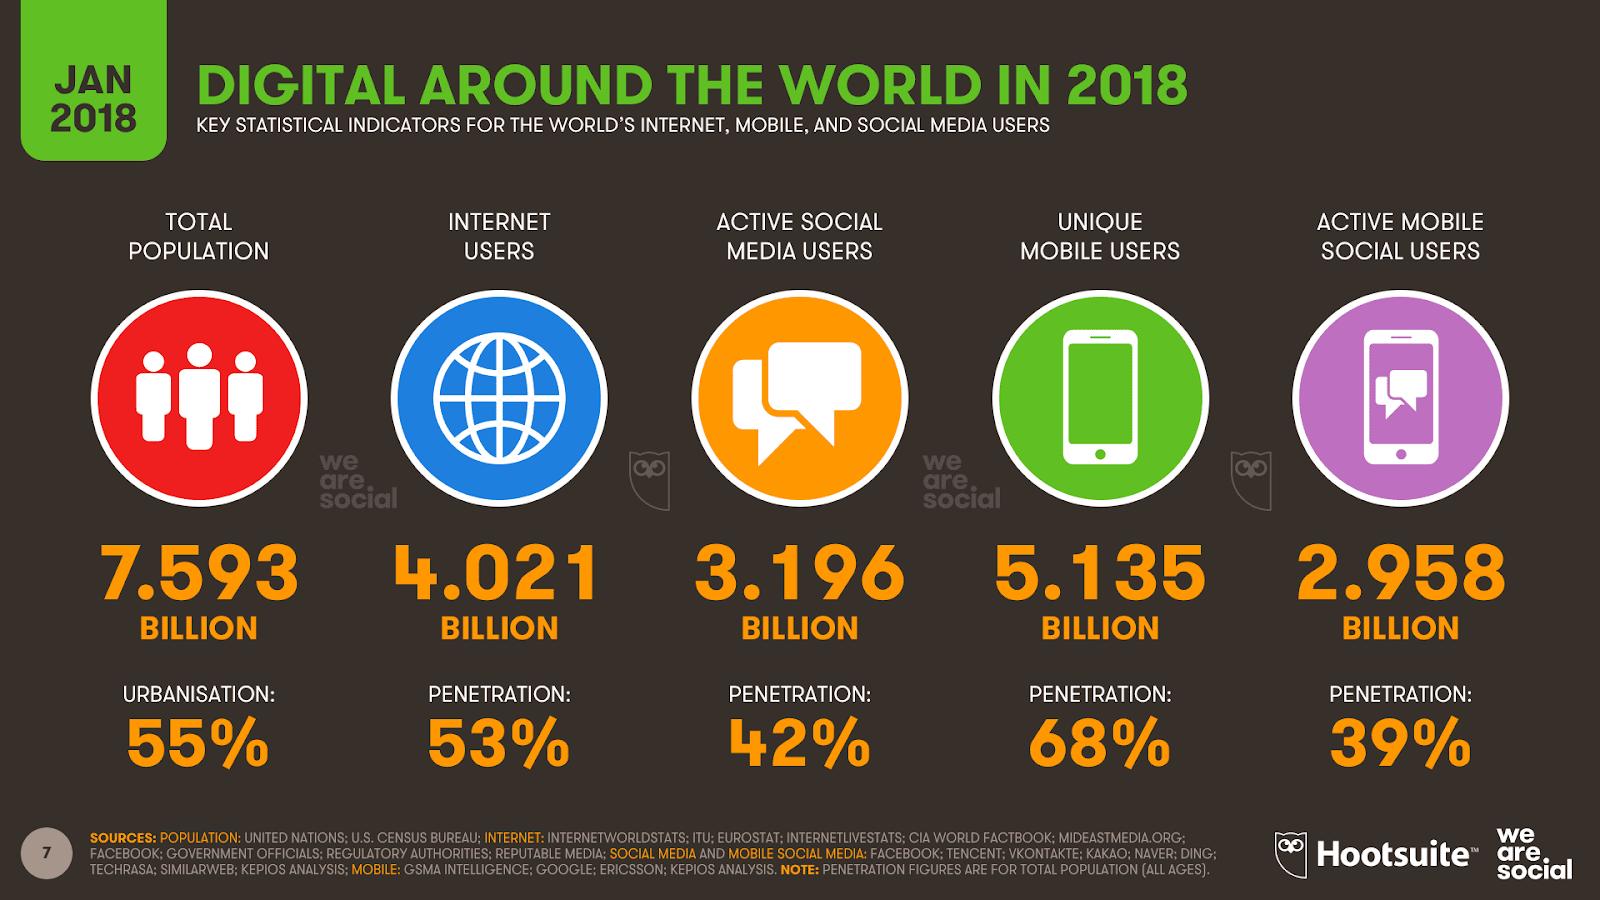 כמות המשתמשים במדיה חברתית לשנת 2018